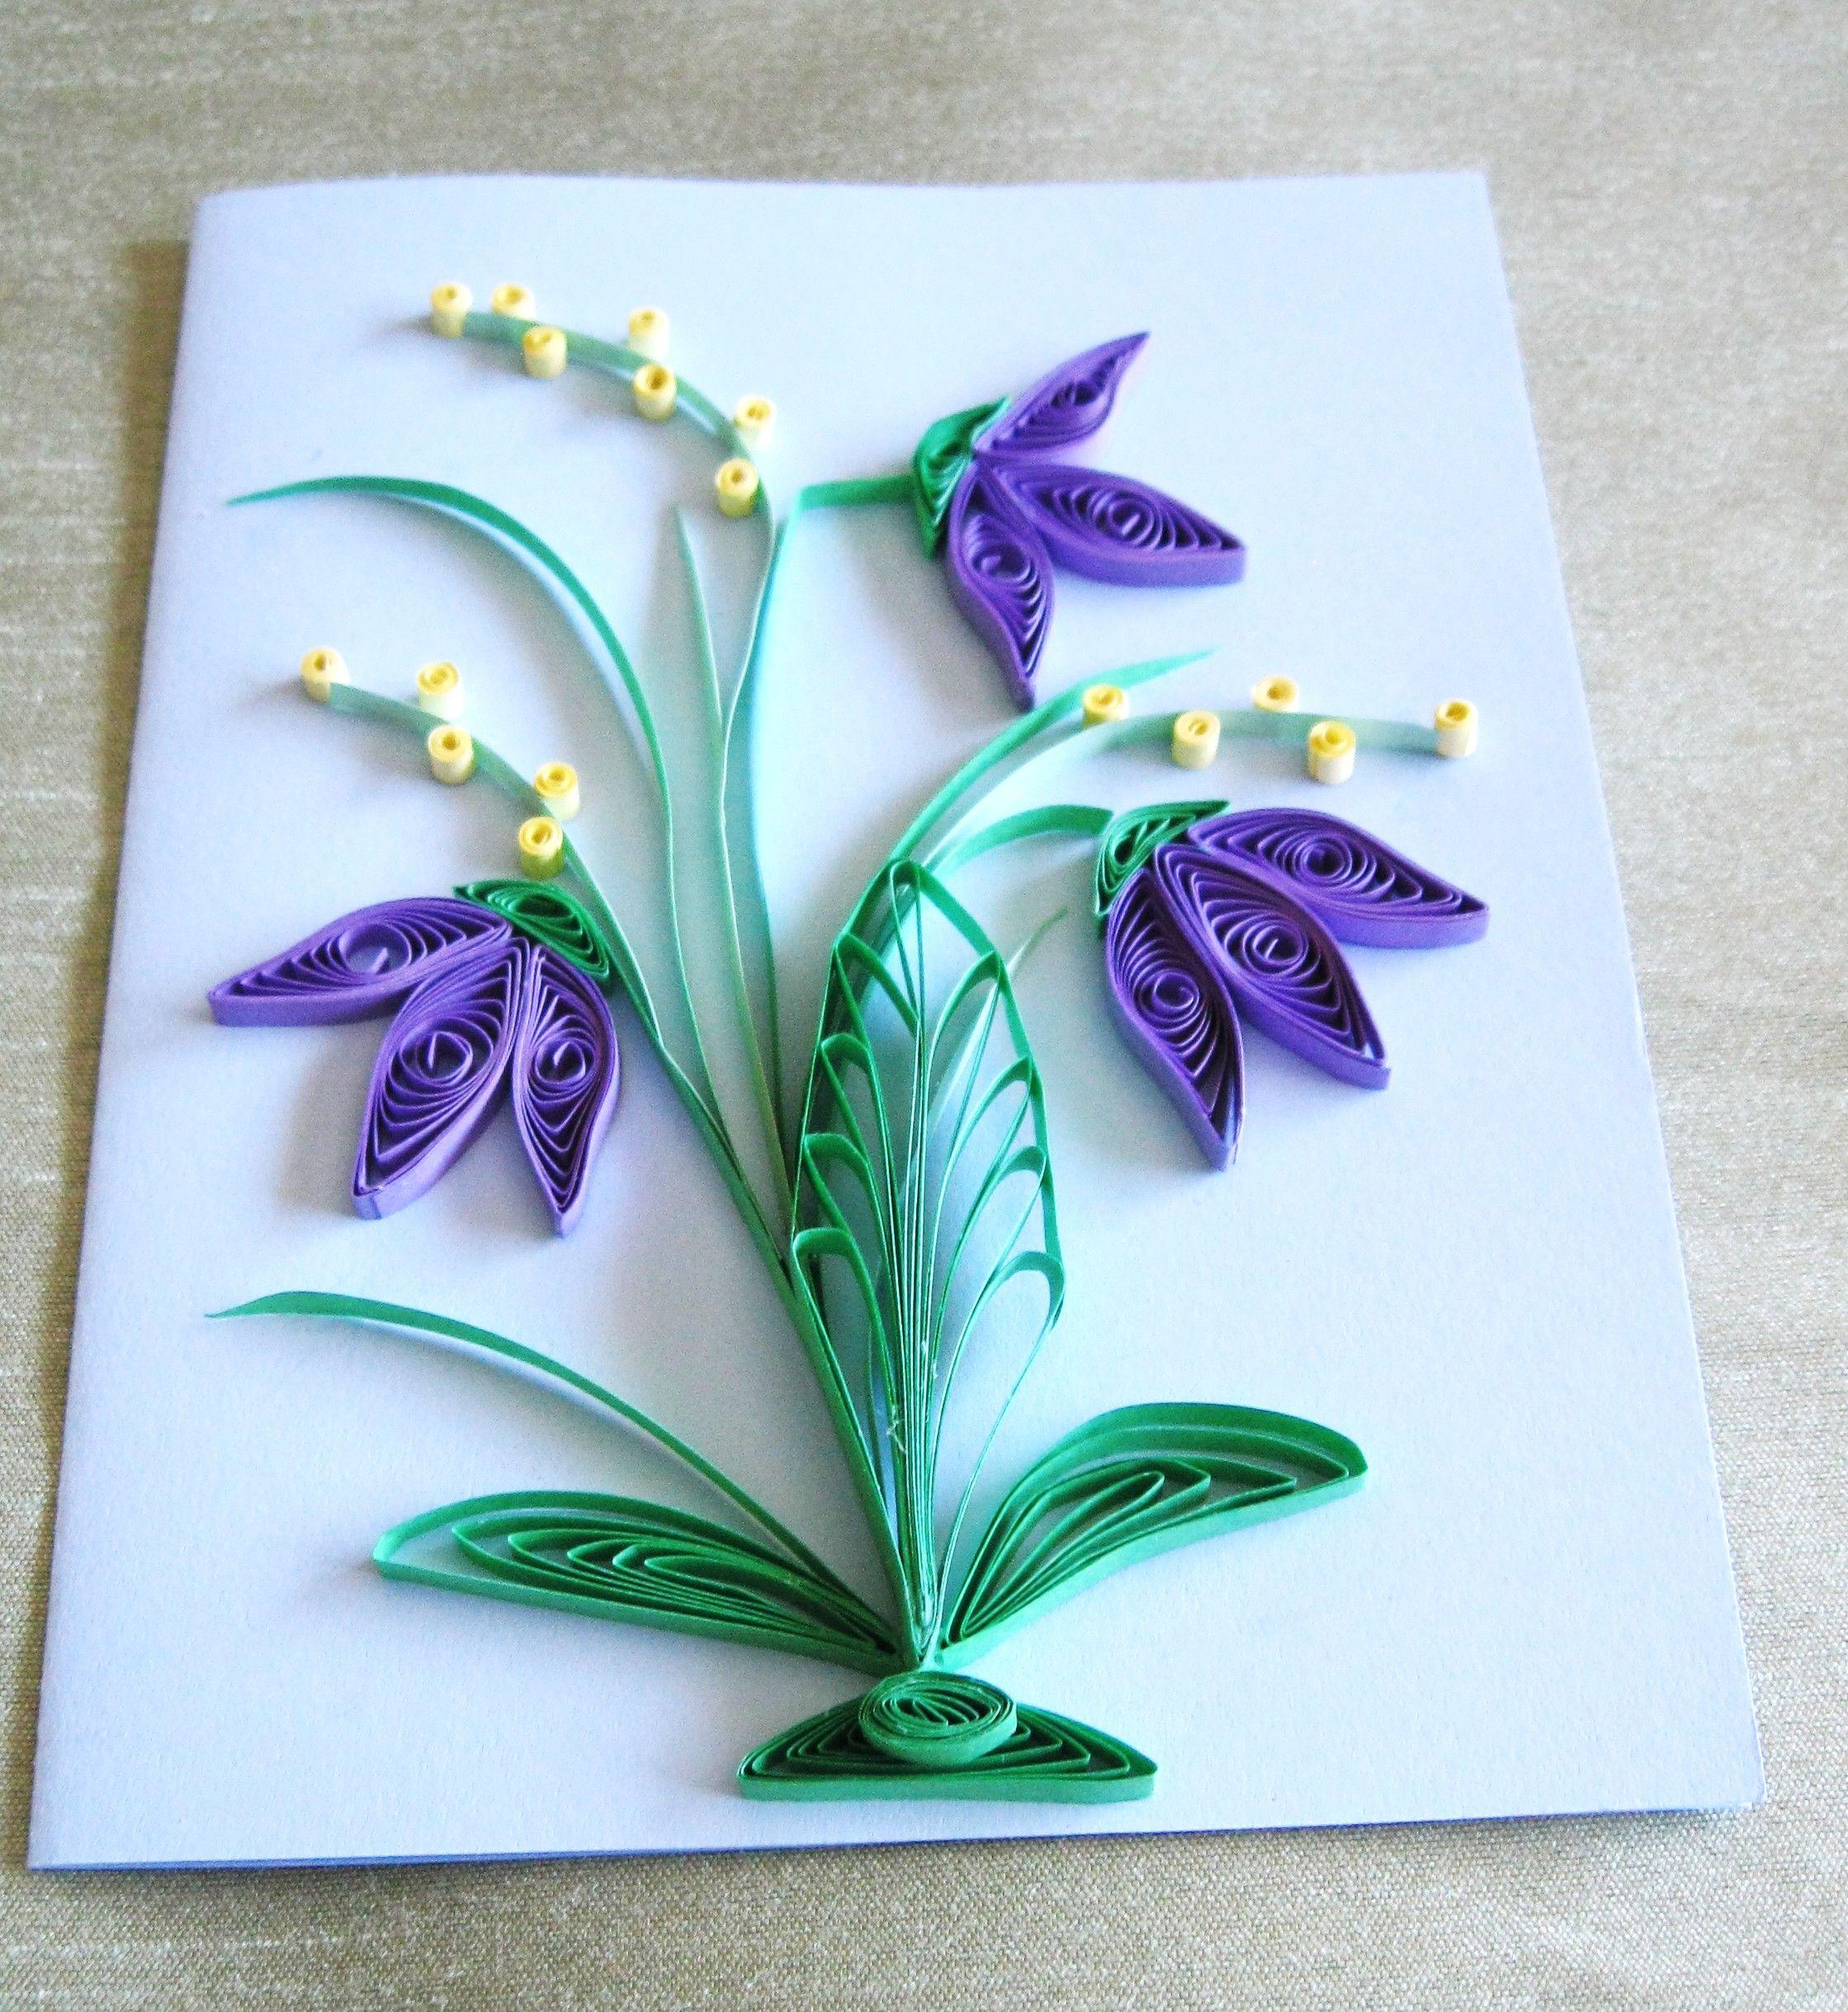 случайно цветы в технике квиллинг для открытки своими руками палитру слоёв жмём